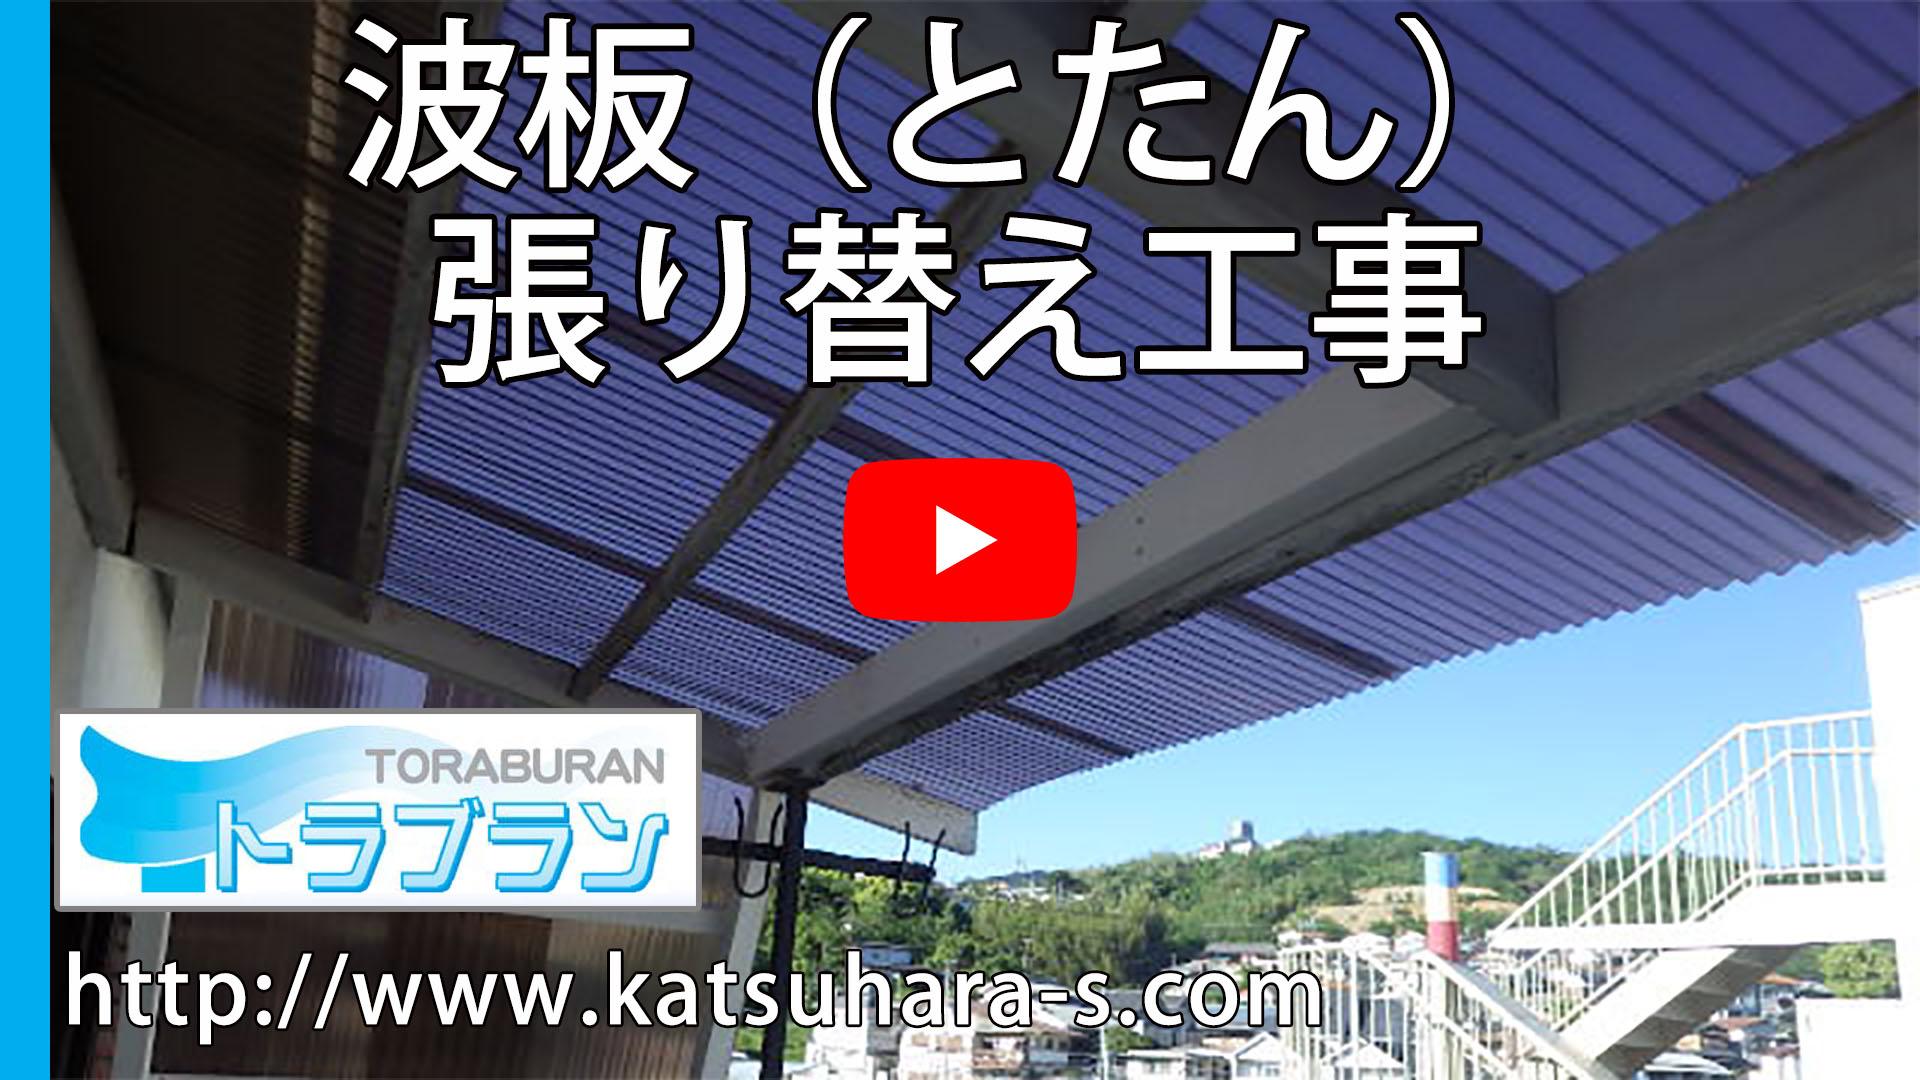 波板 とたん 張り替え工事 台風 対策 トラブラン